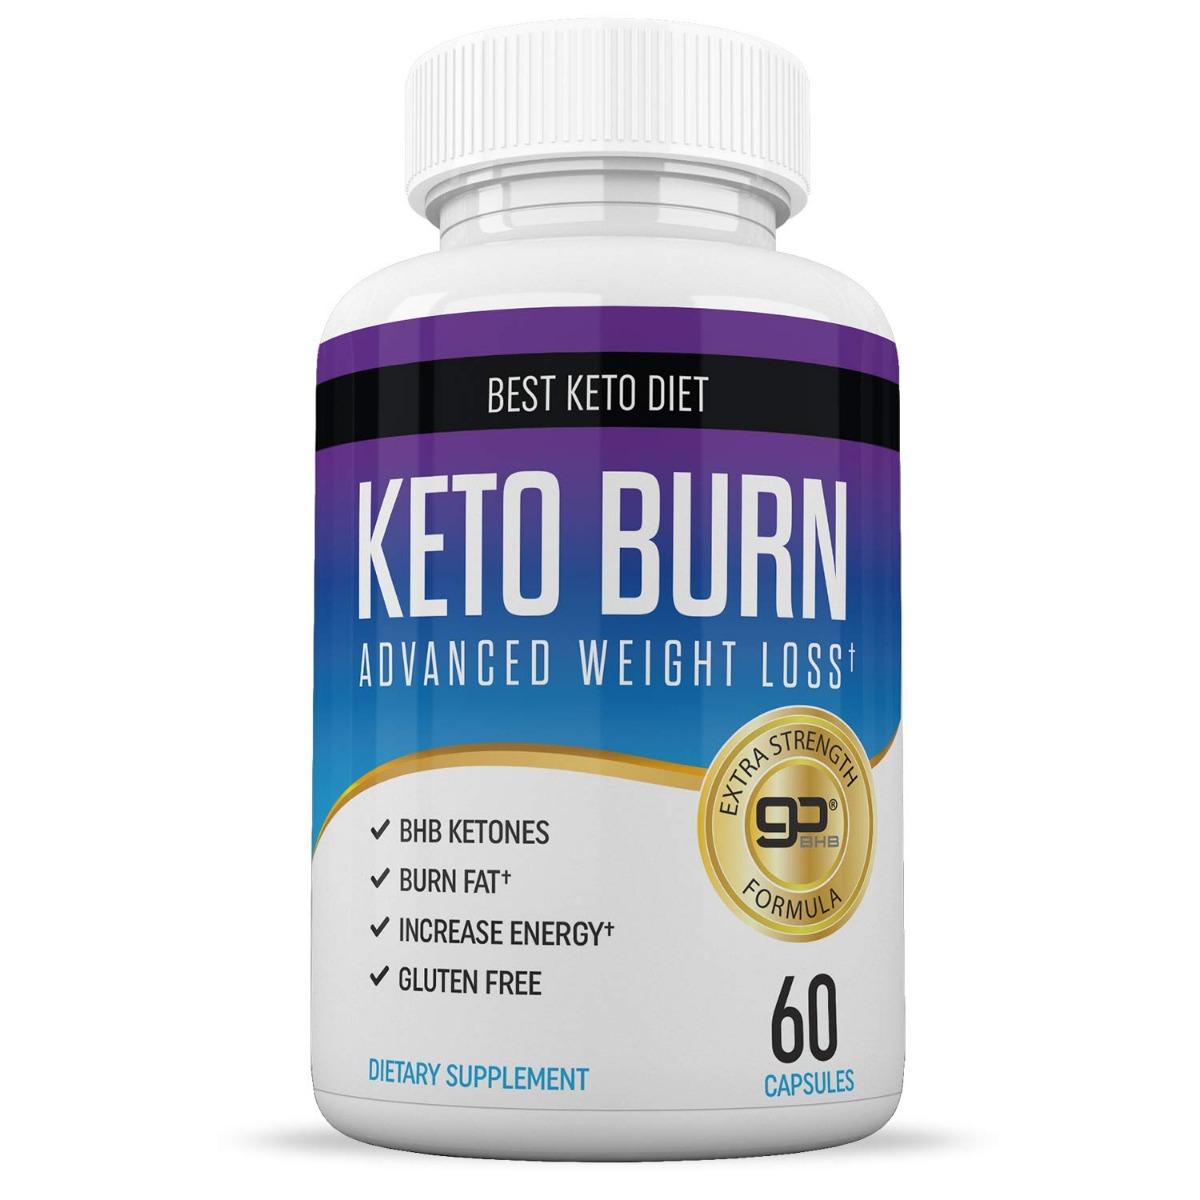 Keto Burn 60 Capsulas Bloqueador Carbos - $ 999.00 en ...